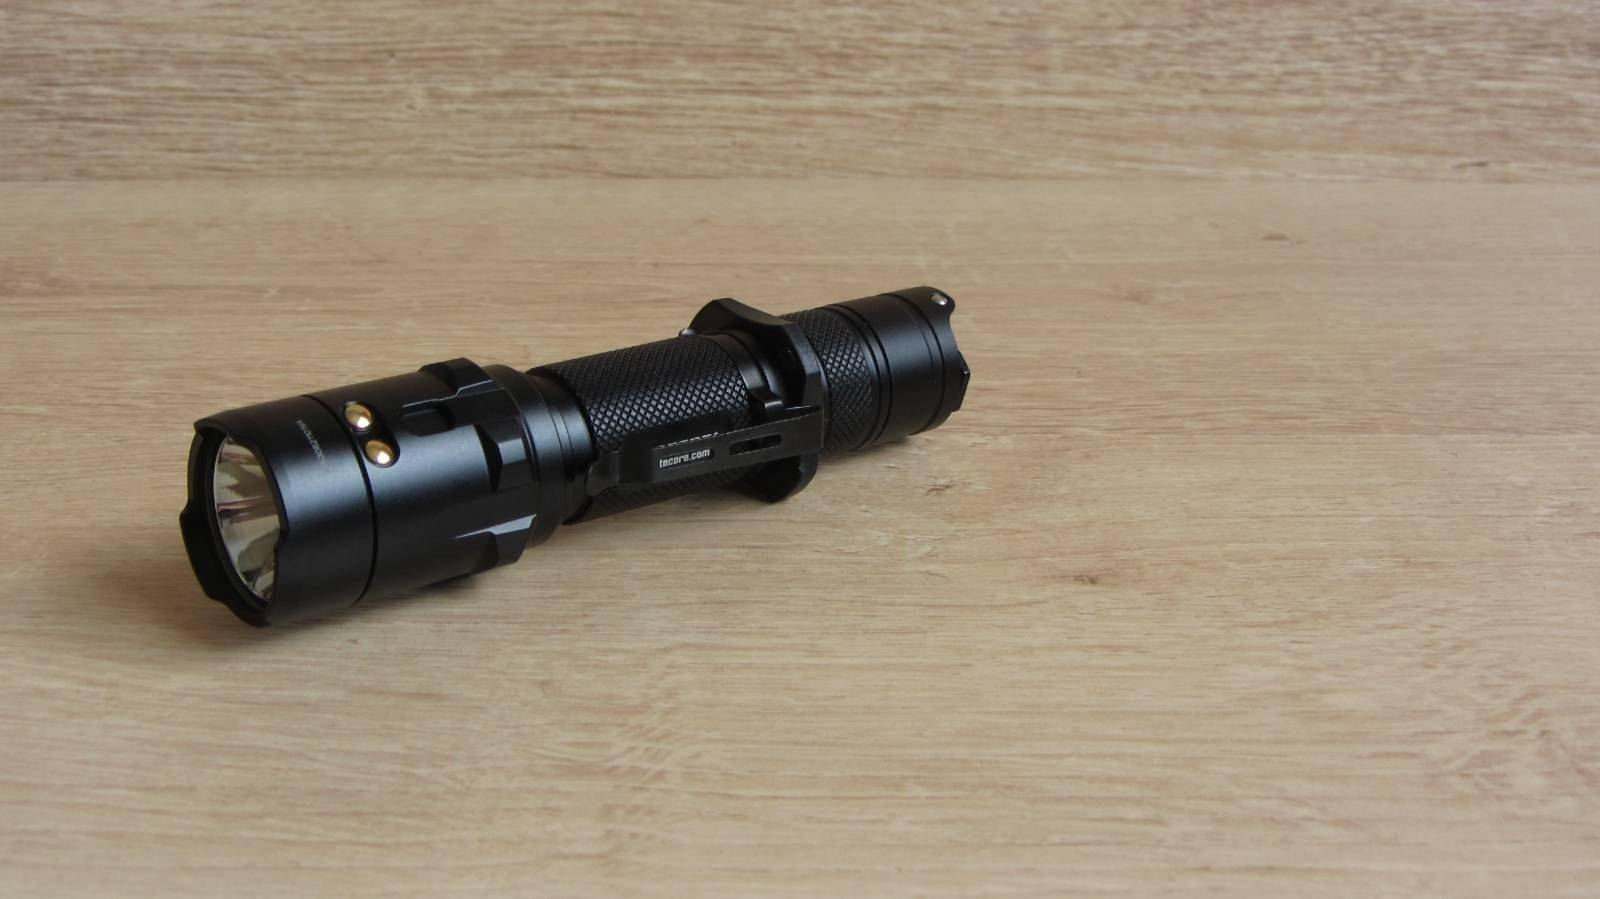 Другие - Китай: Обзор Nitecore R25 - фонаря с док-станцией и аккумулятором в комплекте